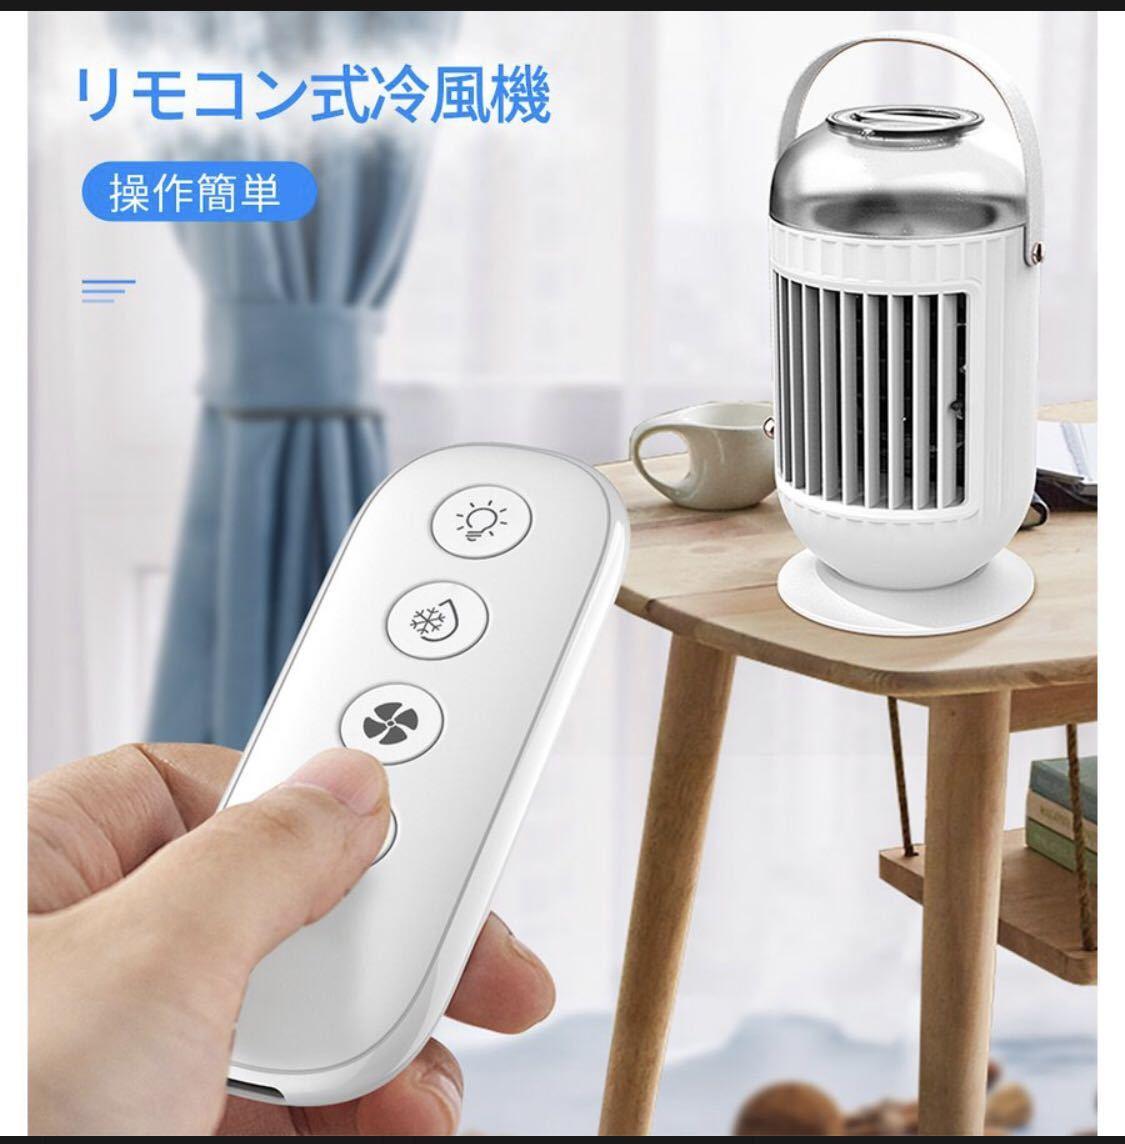 冷風扇 リモコン ミスト 卓上 冷風機 USB給電 扇風機 冷却 加湿 空気浄化 1台多役 3段階風量 多色LEDライト アロマ対応 ホワイト_画像9